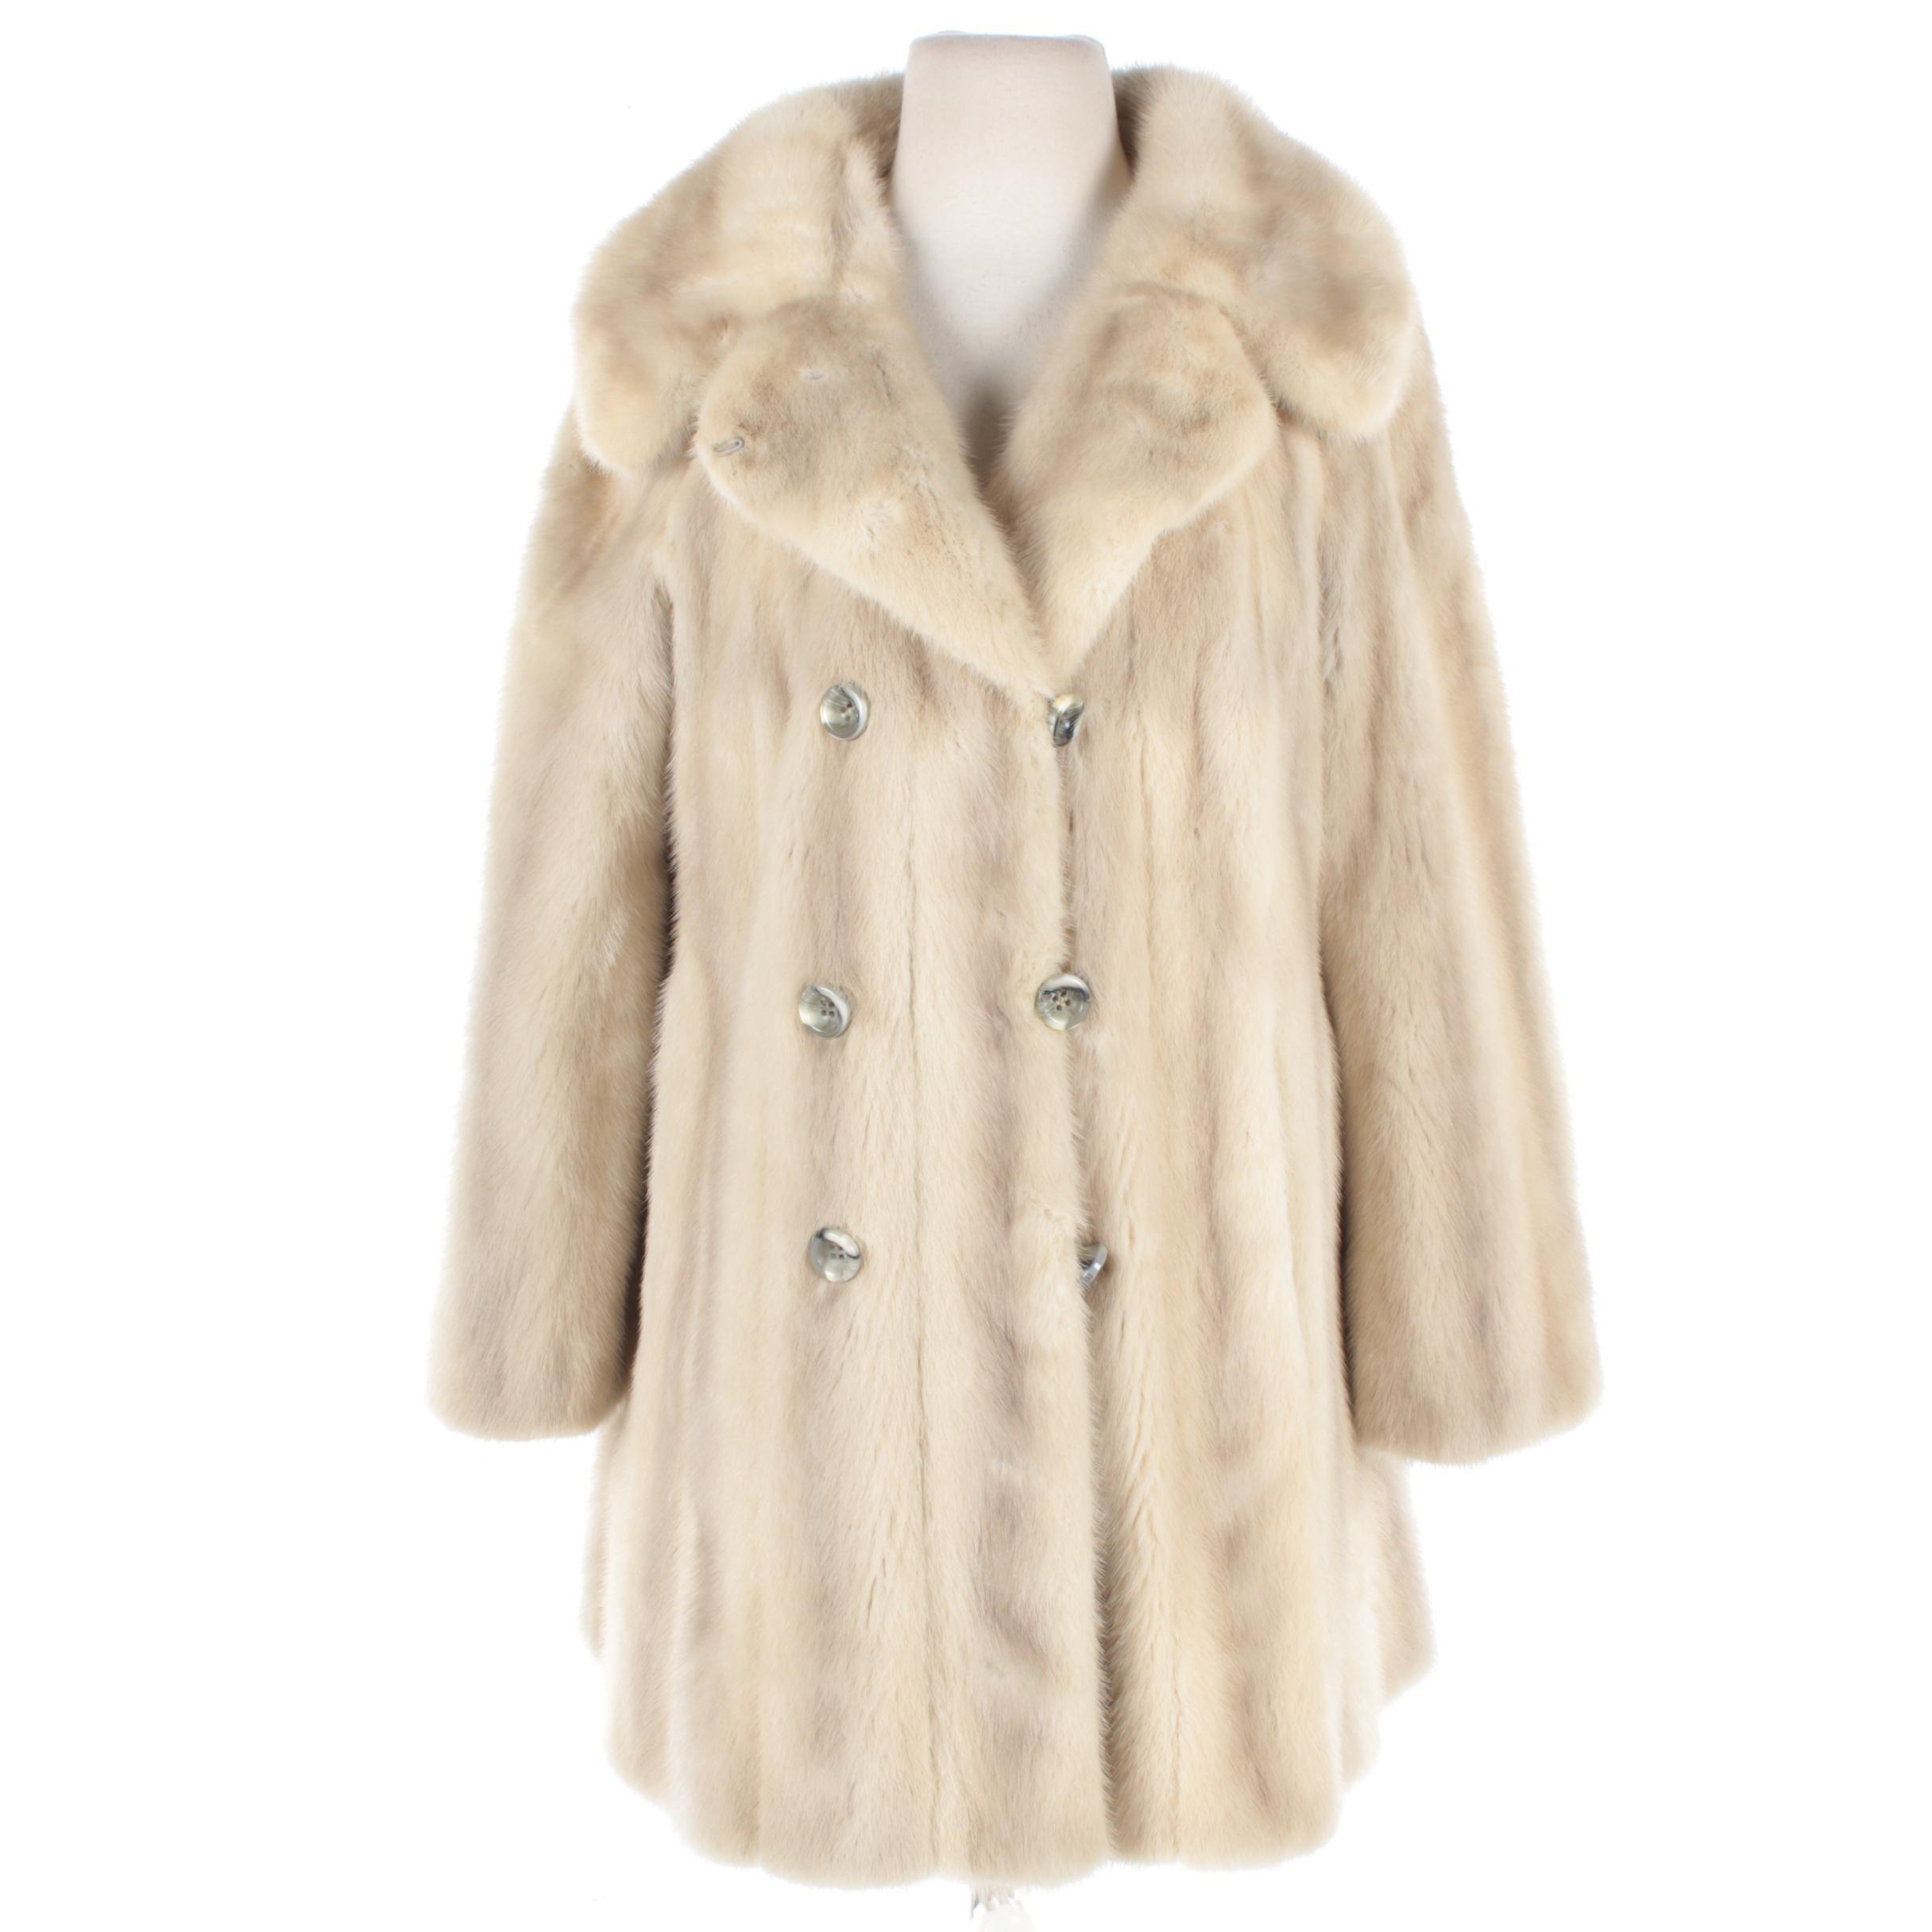 Vintage Hovland-Swanson Mink Fur Coat